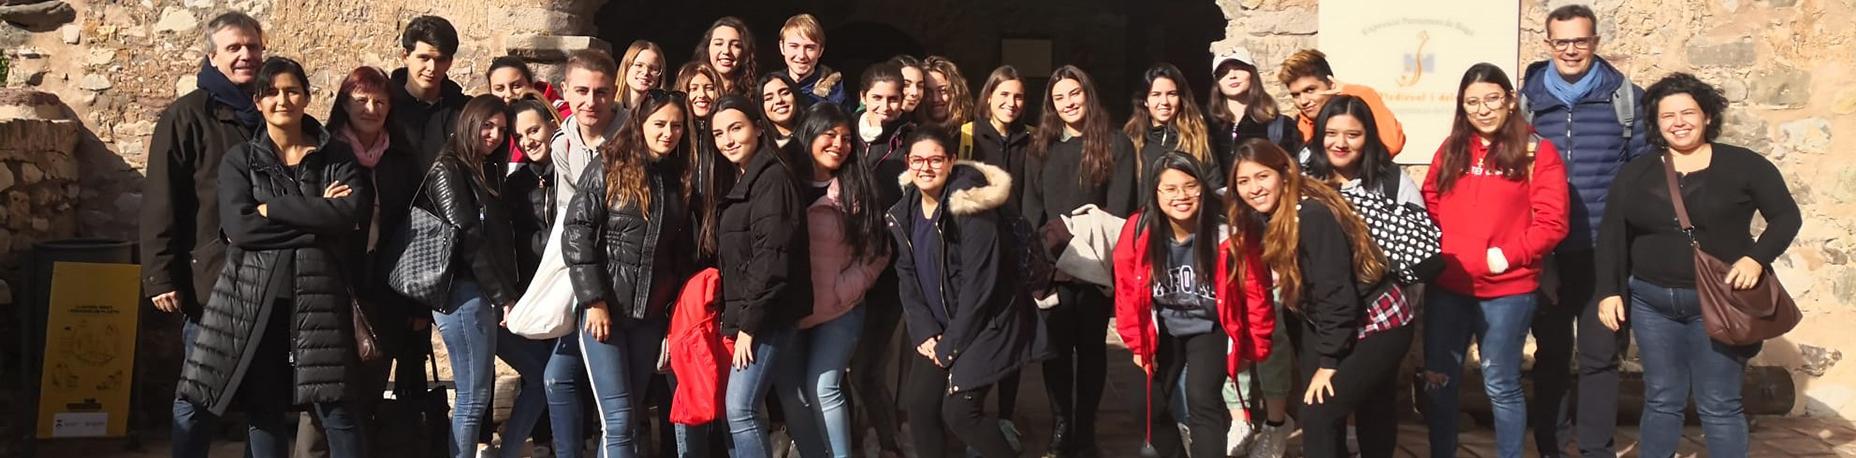 Estudiants de primer curs de Grau en Turisme participen en la X Jornada d'Innovació i Recerca Docent al municipi de Bagà | Escola Universitària Formatic Barcelona